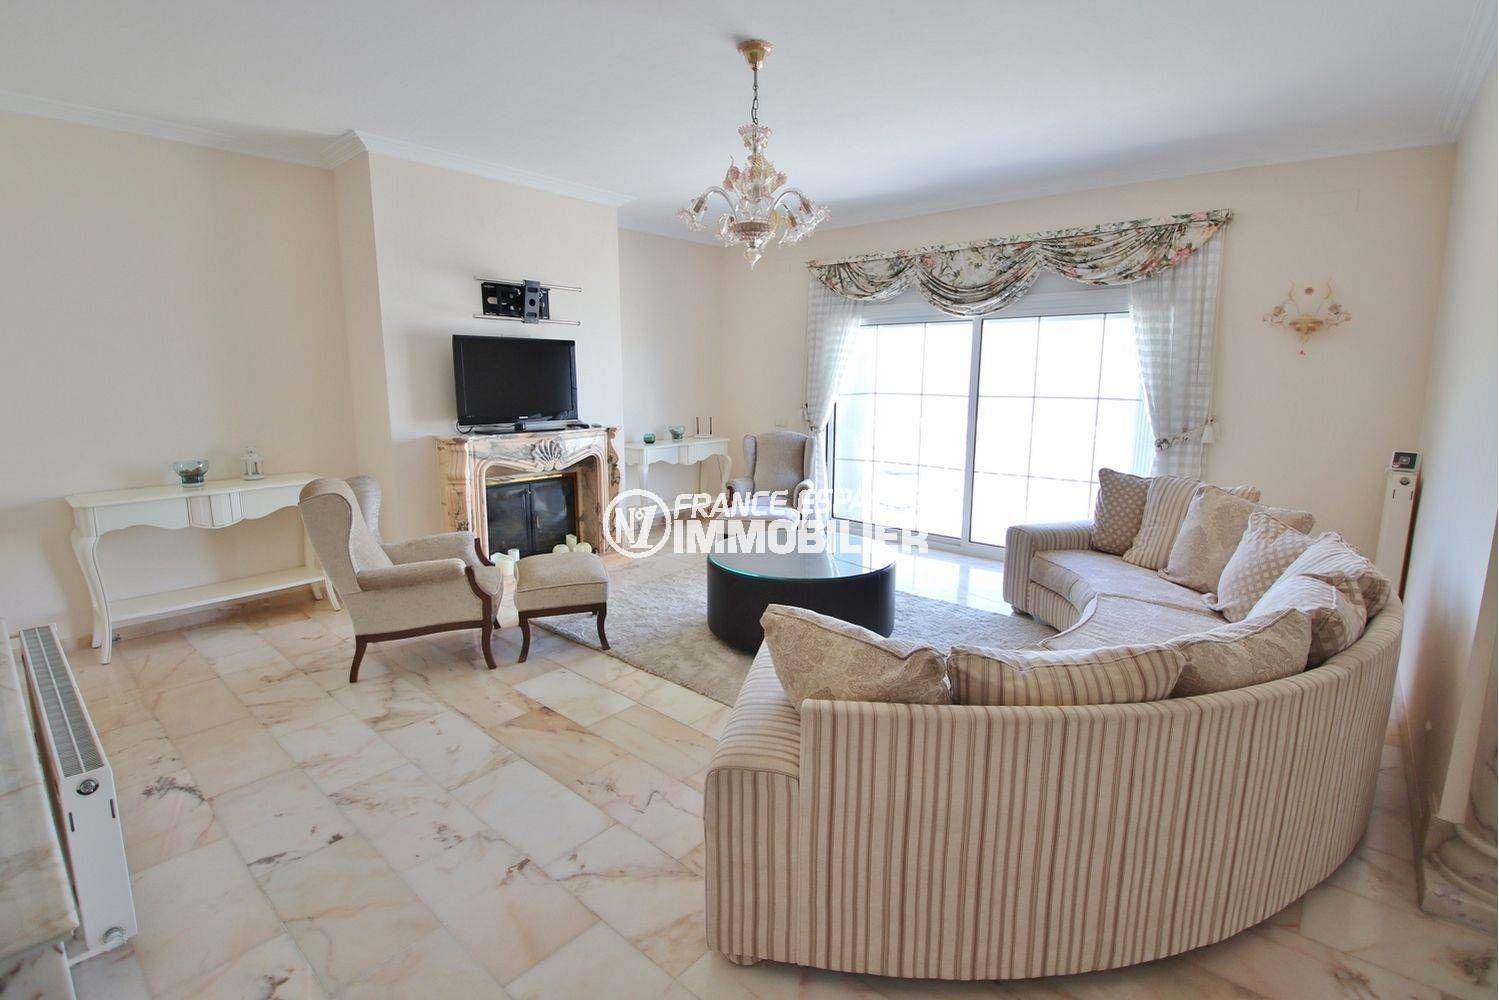 achat maison costa brava bord de mer, ref.3614, salon avec cheminée et accès terrasse